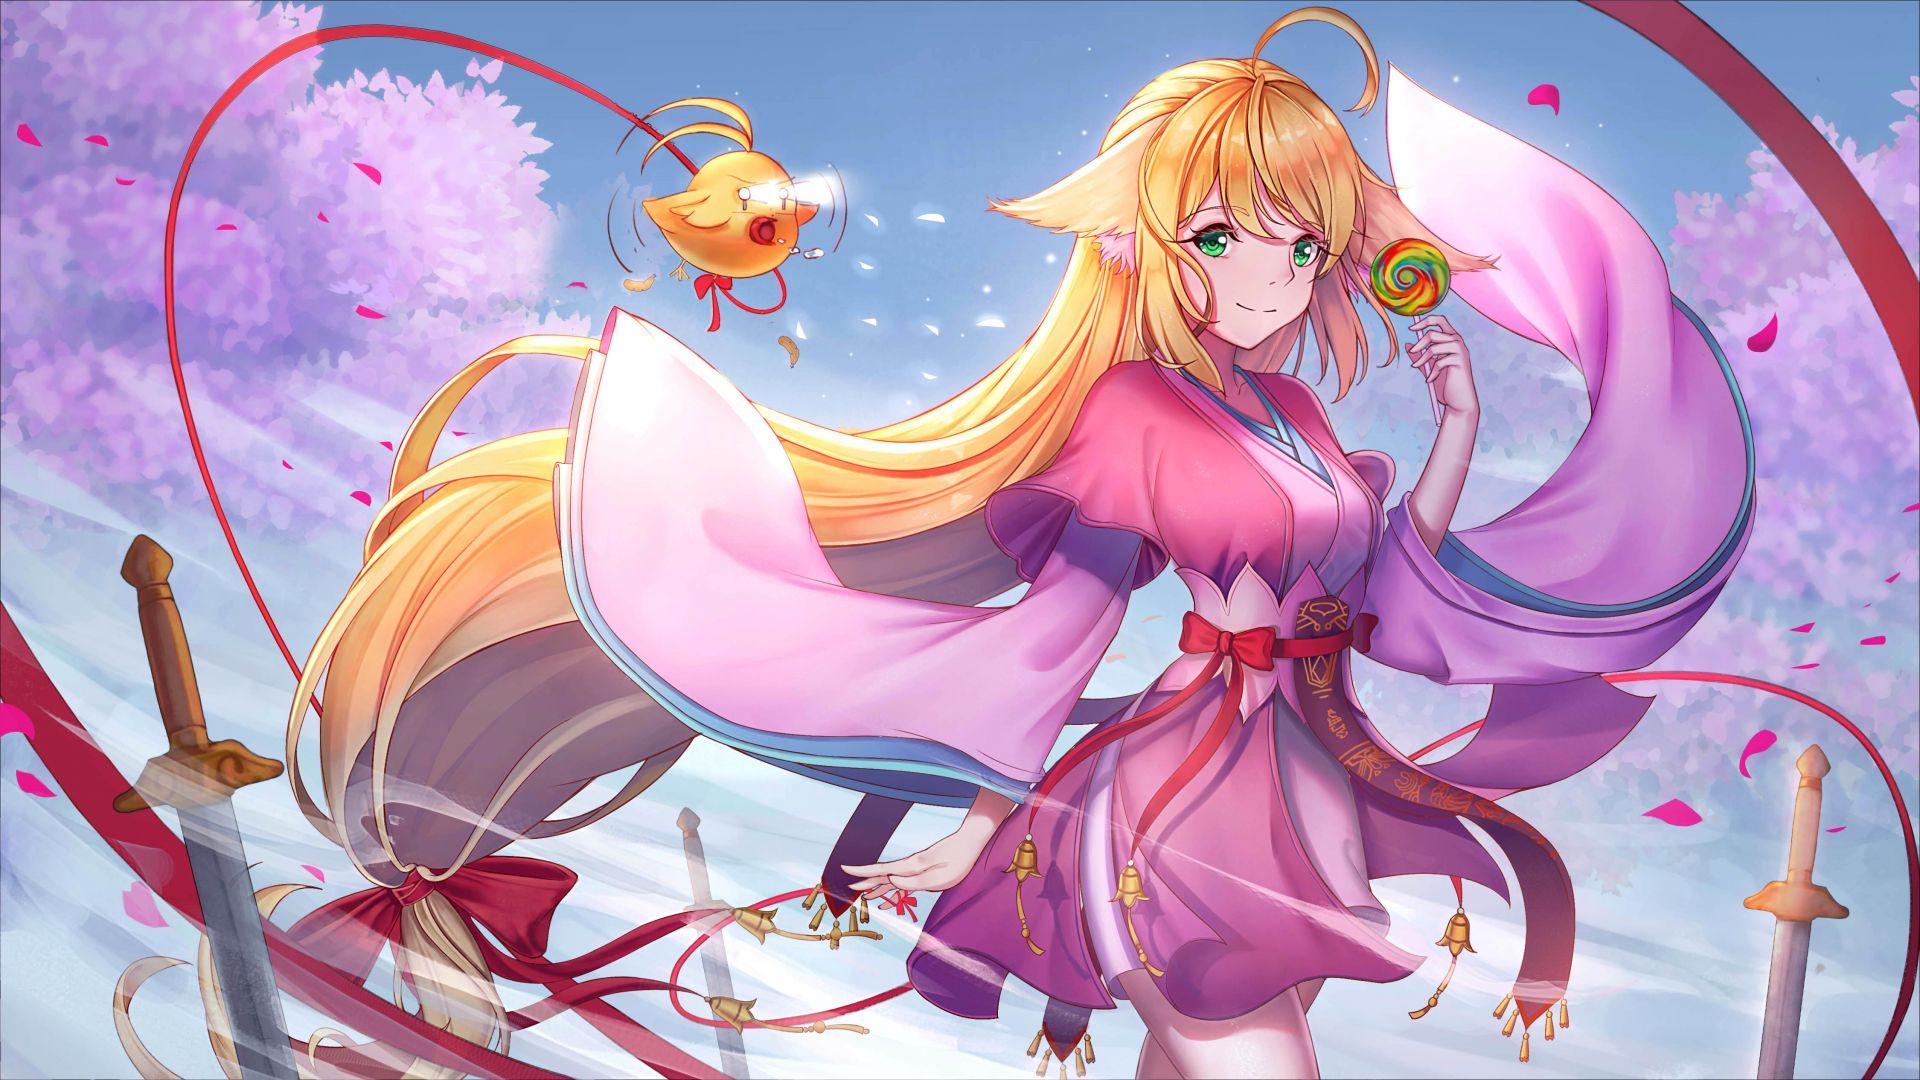 desktop wallpaper tushan susu  fox spirit matchmaker  beautiful anime girl  blonde  4k  hd image